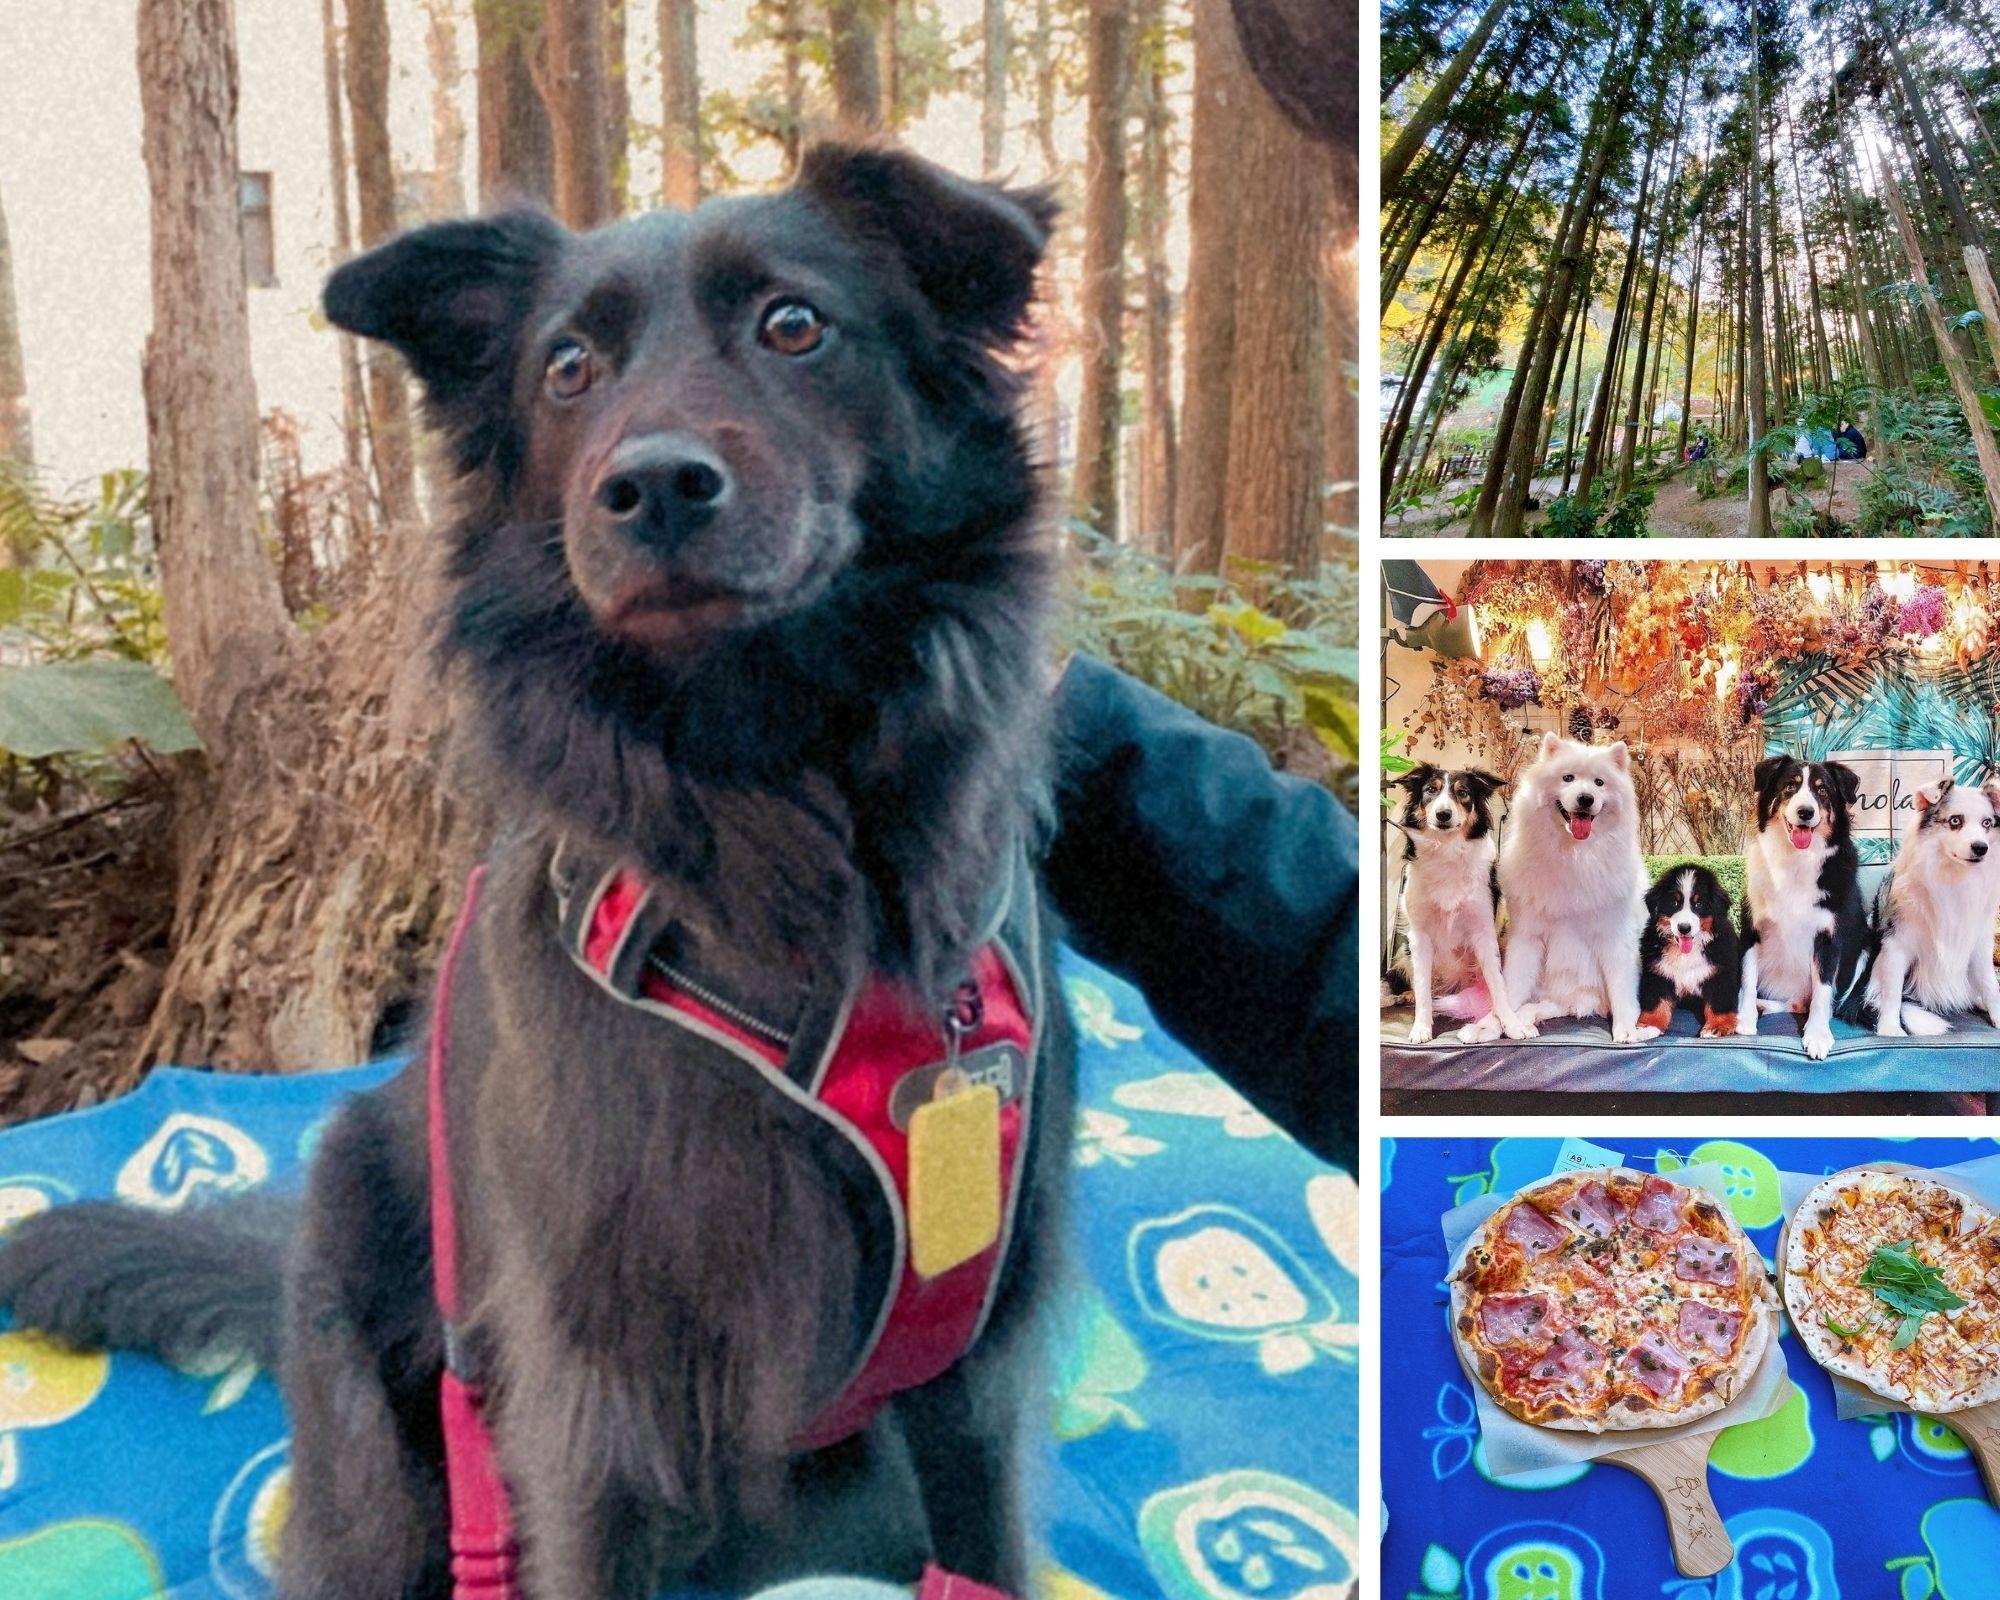 【寵物友善餐廳】毛孩一秒變網美 還有草皮跑跑、森林吃披薩